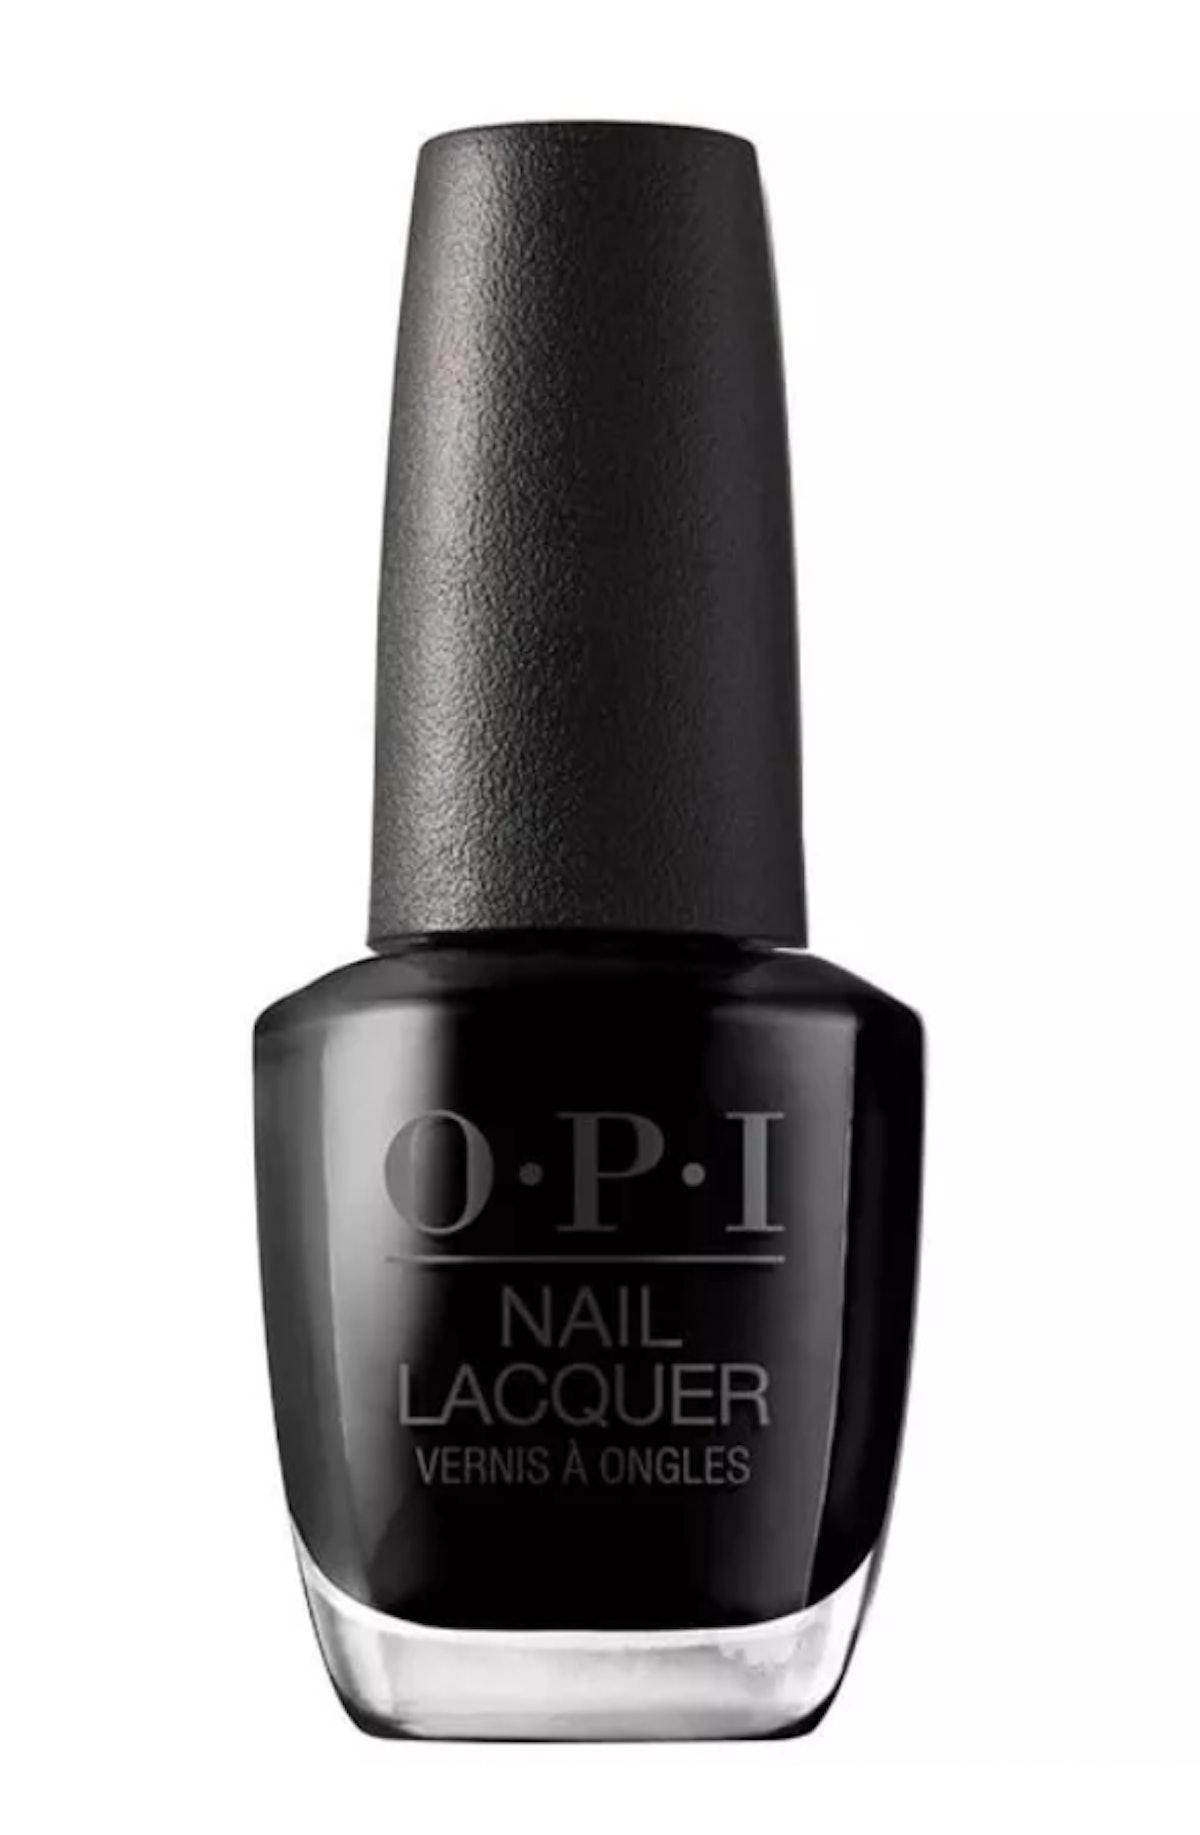 OPI Polish in Black Onyx